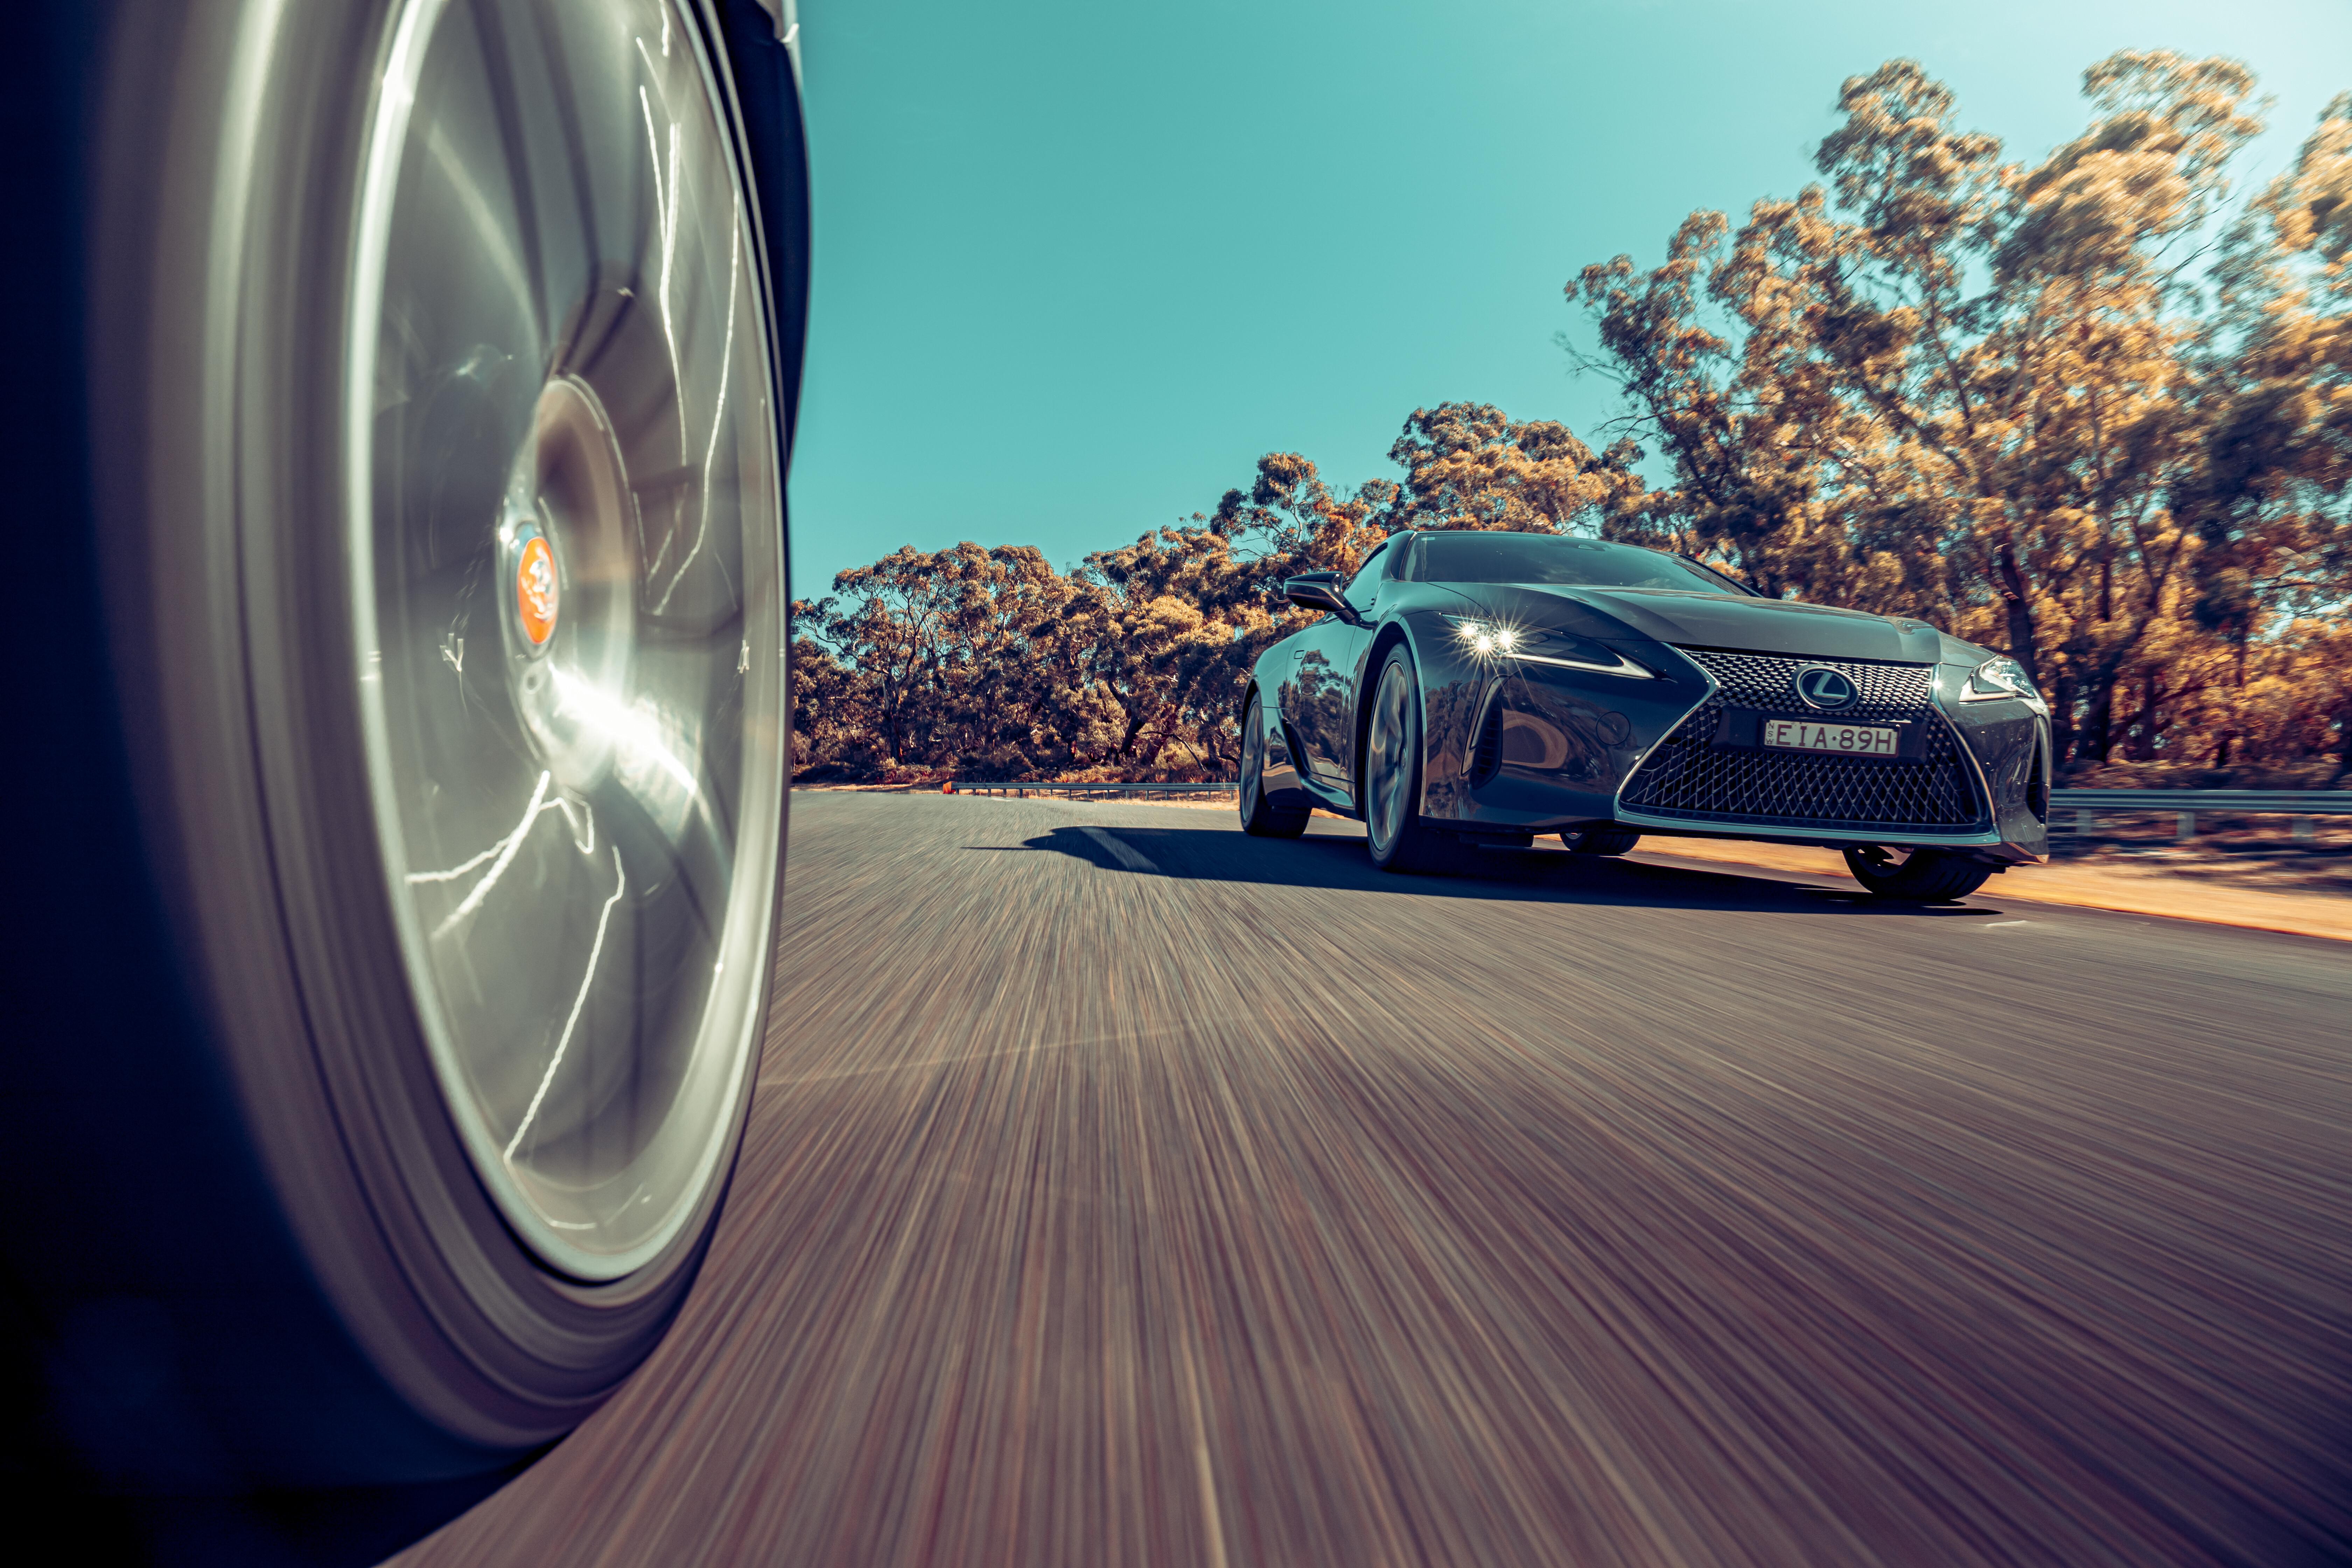 Motor Reviews Jaguar F Type P 380 R Dynamic Lexus LC 500 Mercedes AMG E 53 Coupe Comparison 55